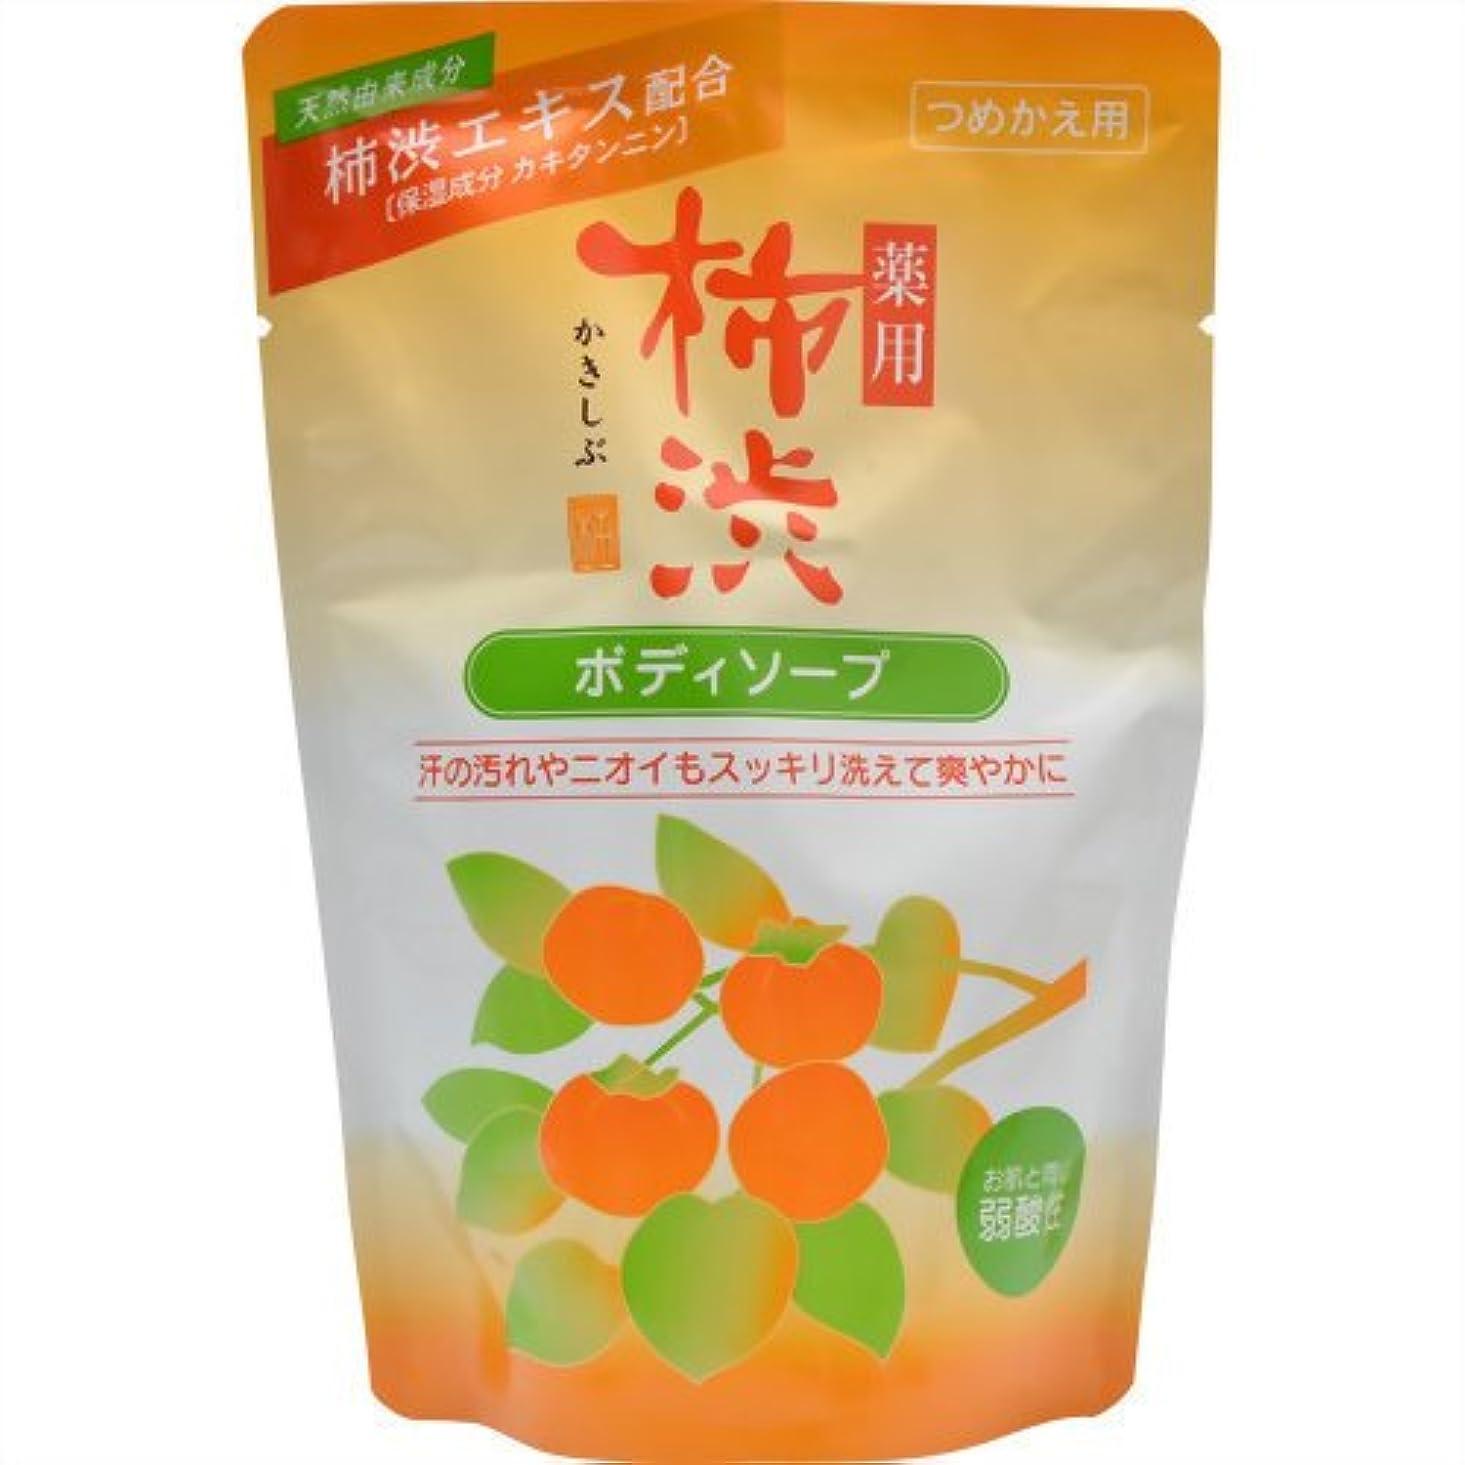 ヤング残高入札薬用柿渋ボディソープ つめかえ用 350ml